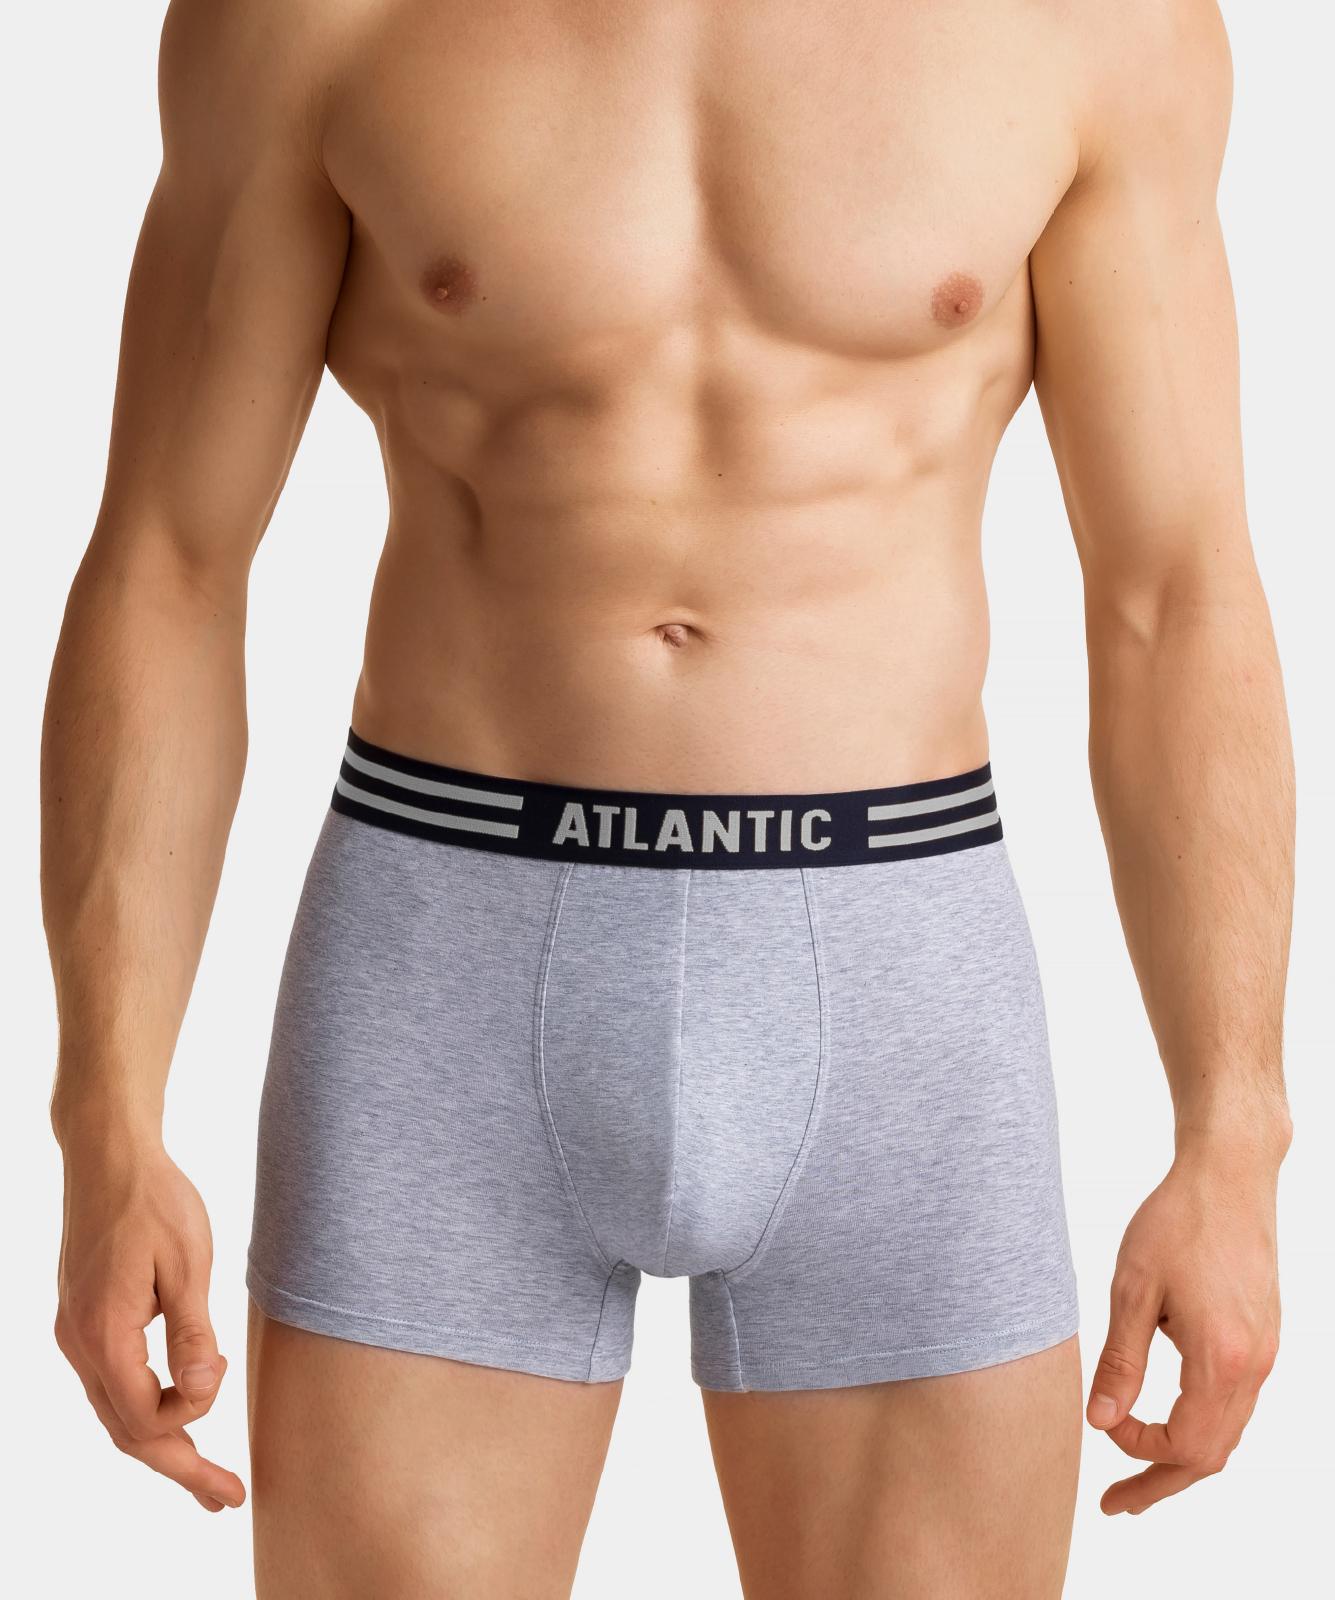 Мужские трусы шорты Atlantic, набор из 3 шт., хлопок, голубые + серый меланж + темно-синие, 3MH-021